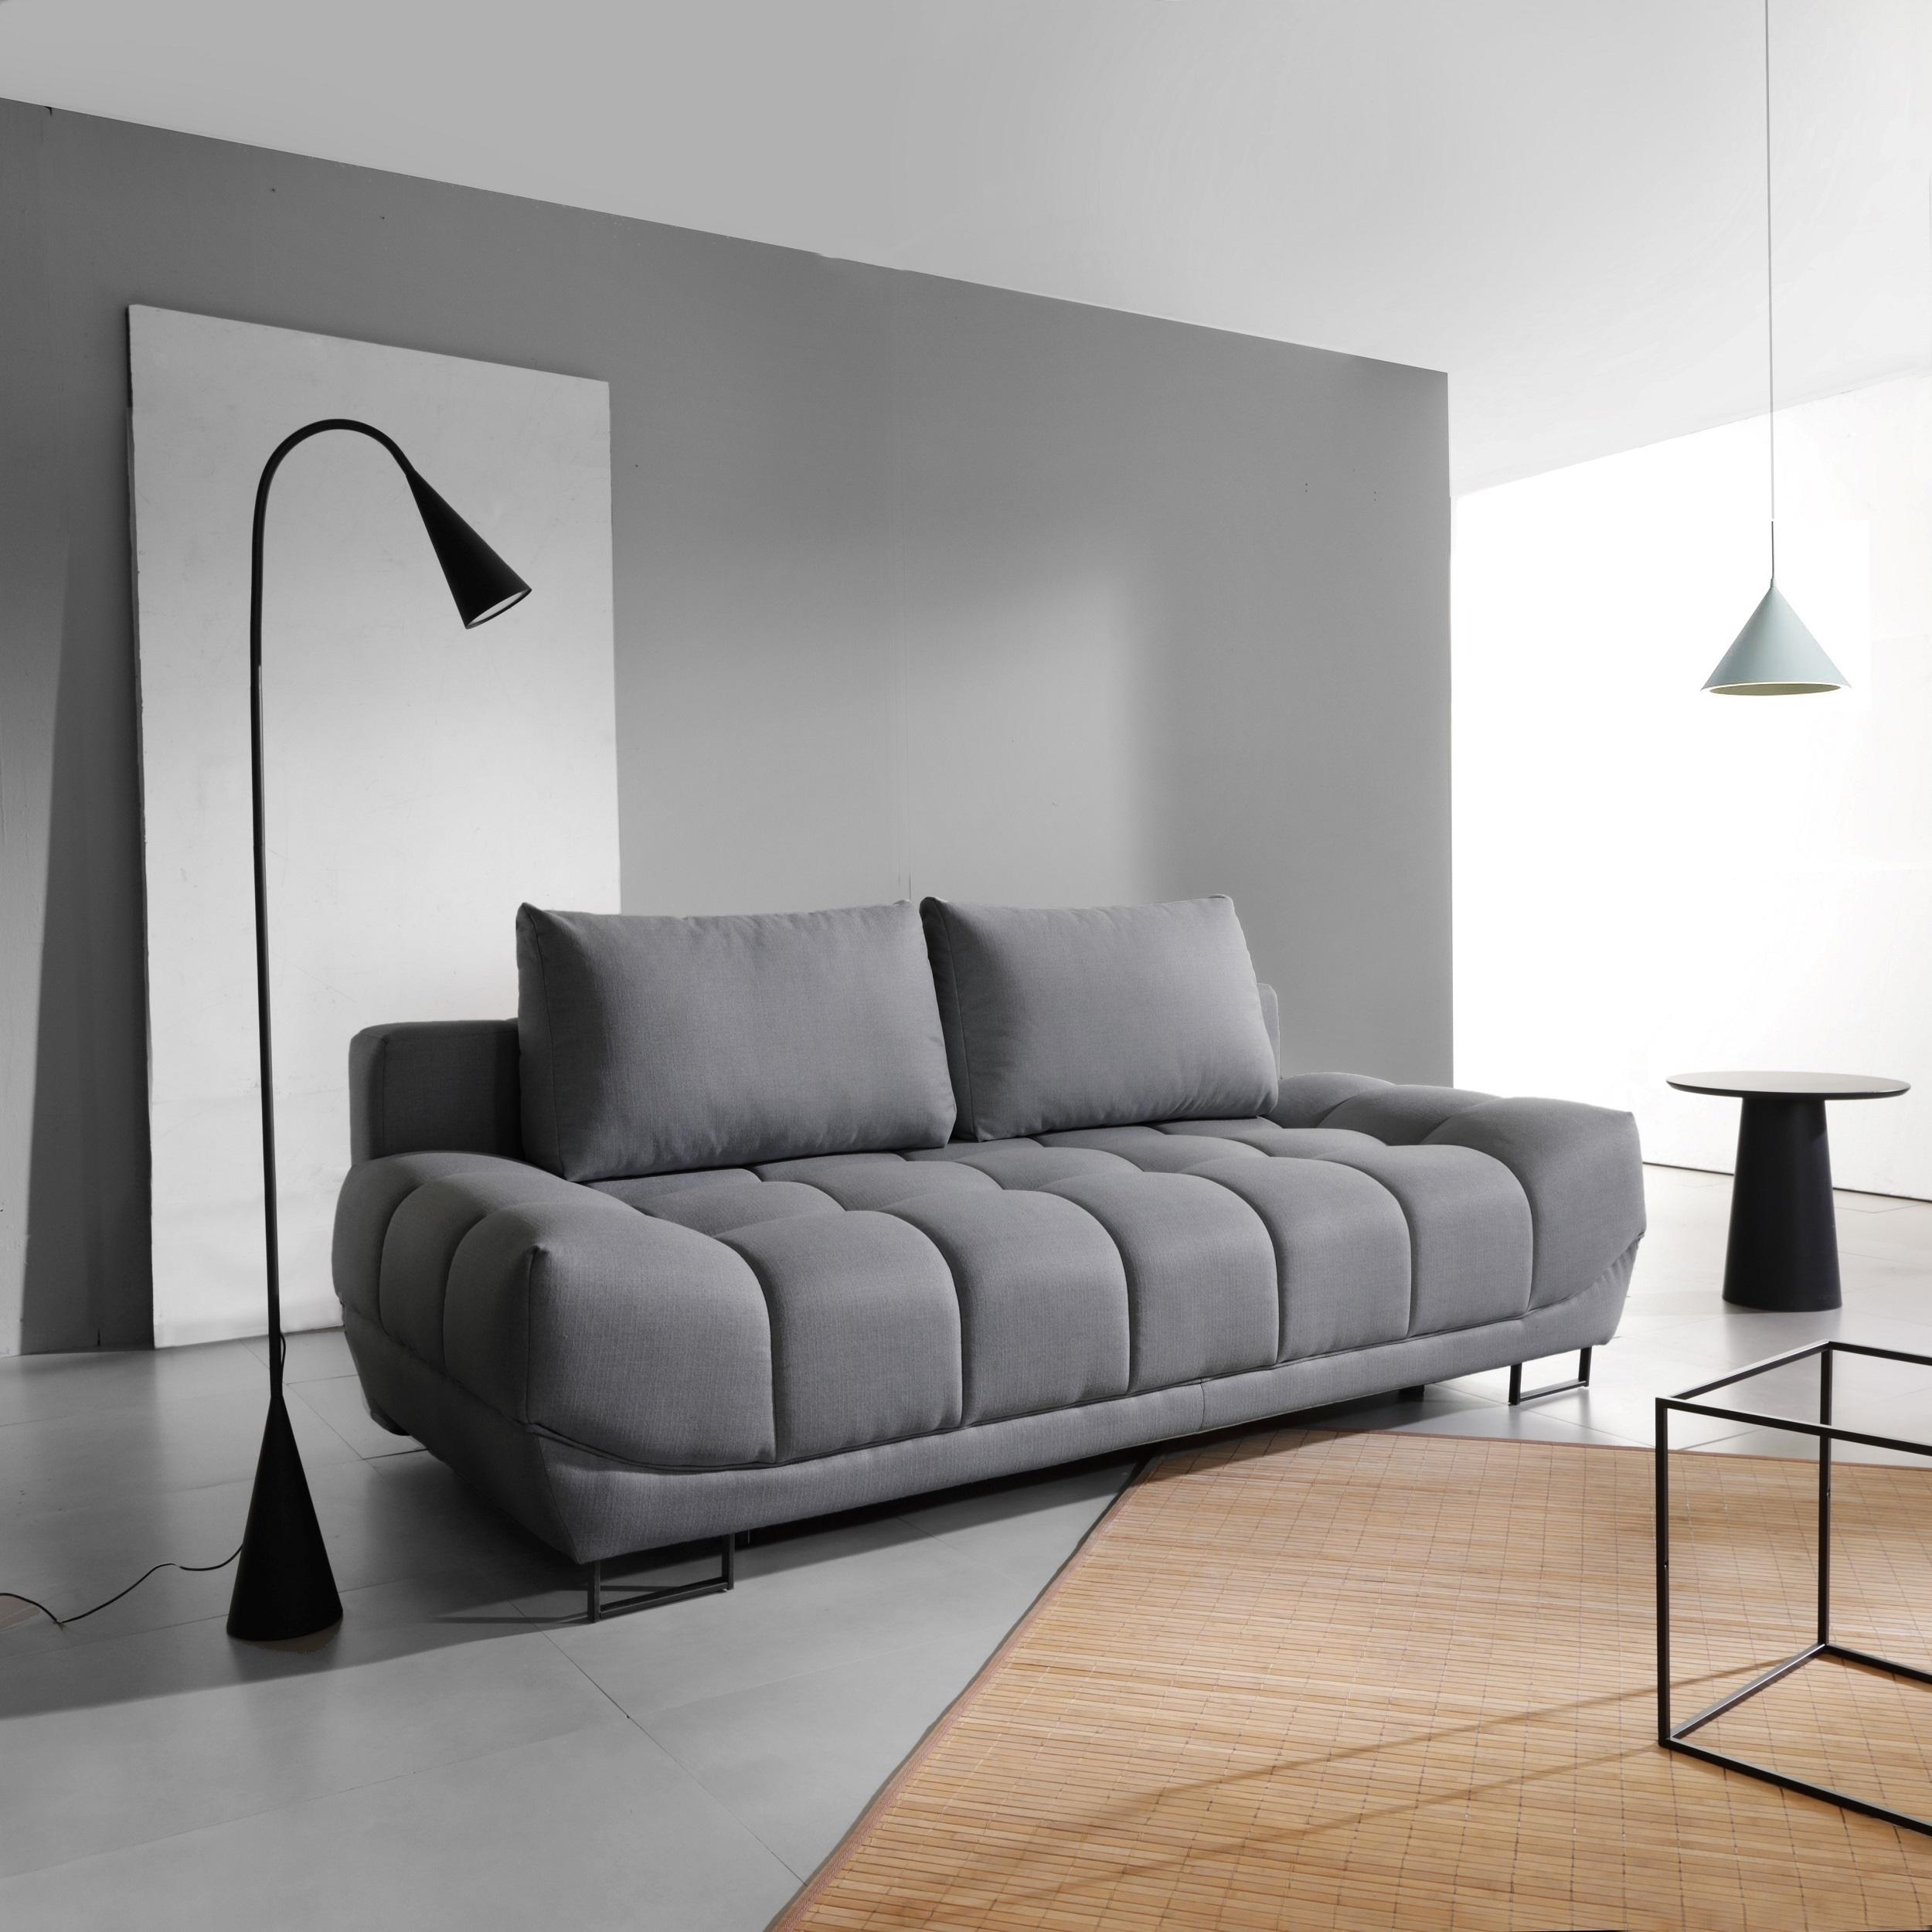 Canapea Extensibila Lada Depozitare Venice Grey